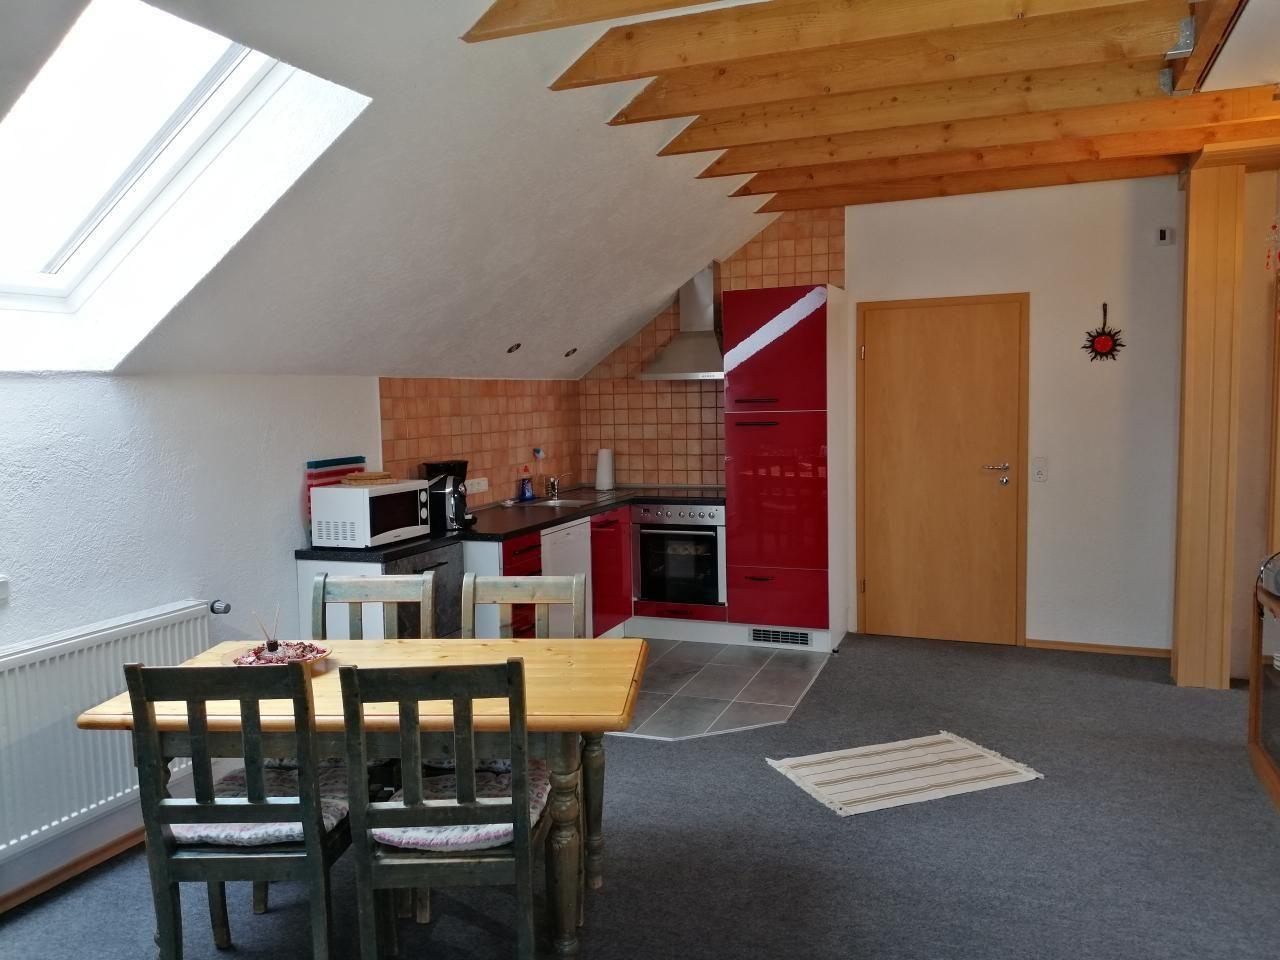 Ferienwohnung Kraemer- Dax      Wohnung 1   Eifel Rheinland Pfalz